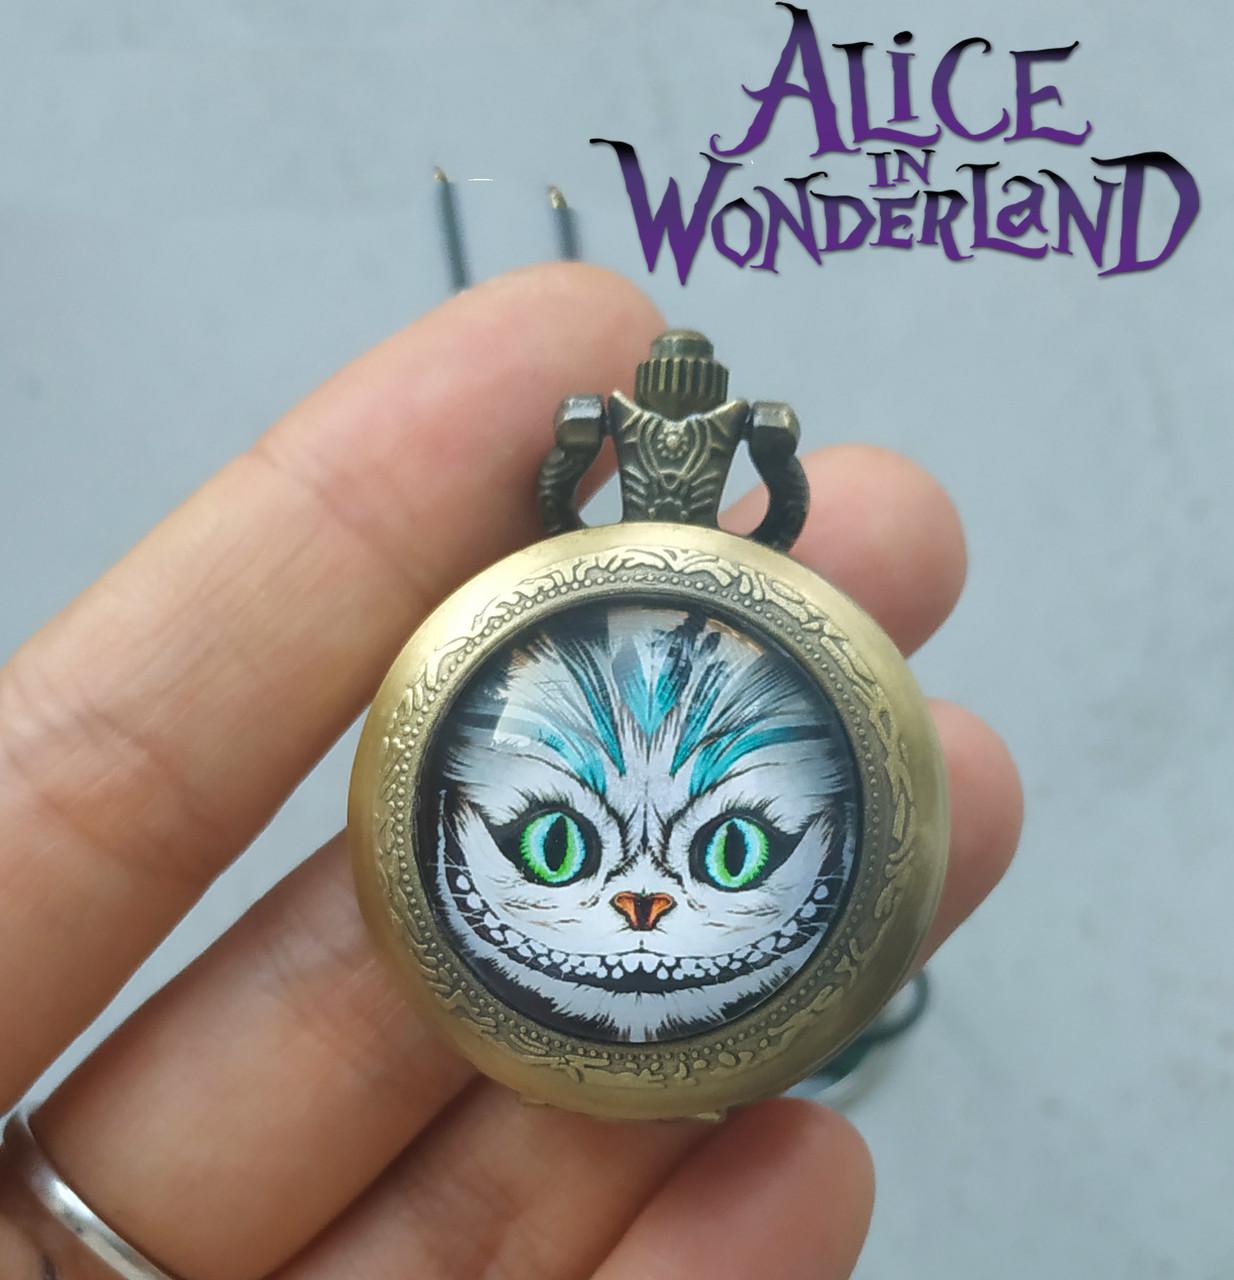 Карманные часы Чеширский Кот Алиса в стране чудес / Alice in Wonderland